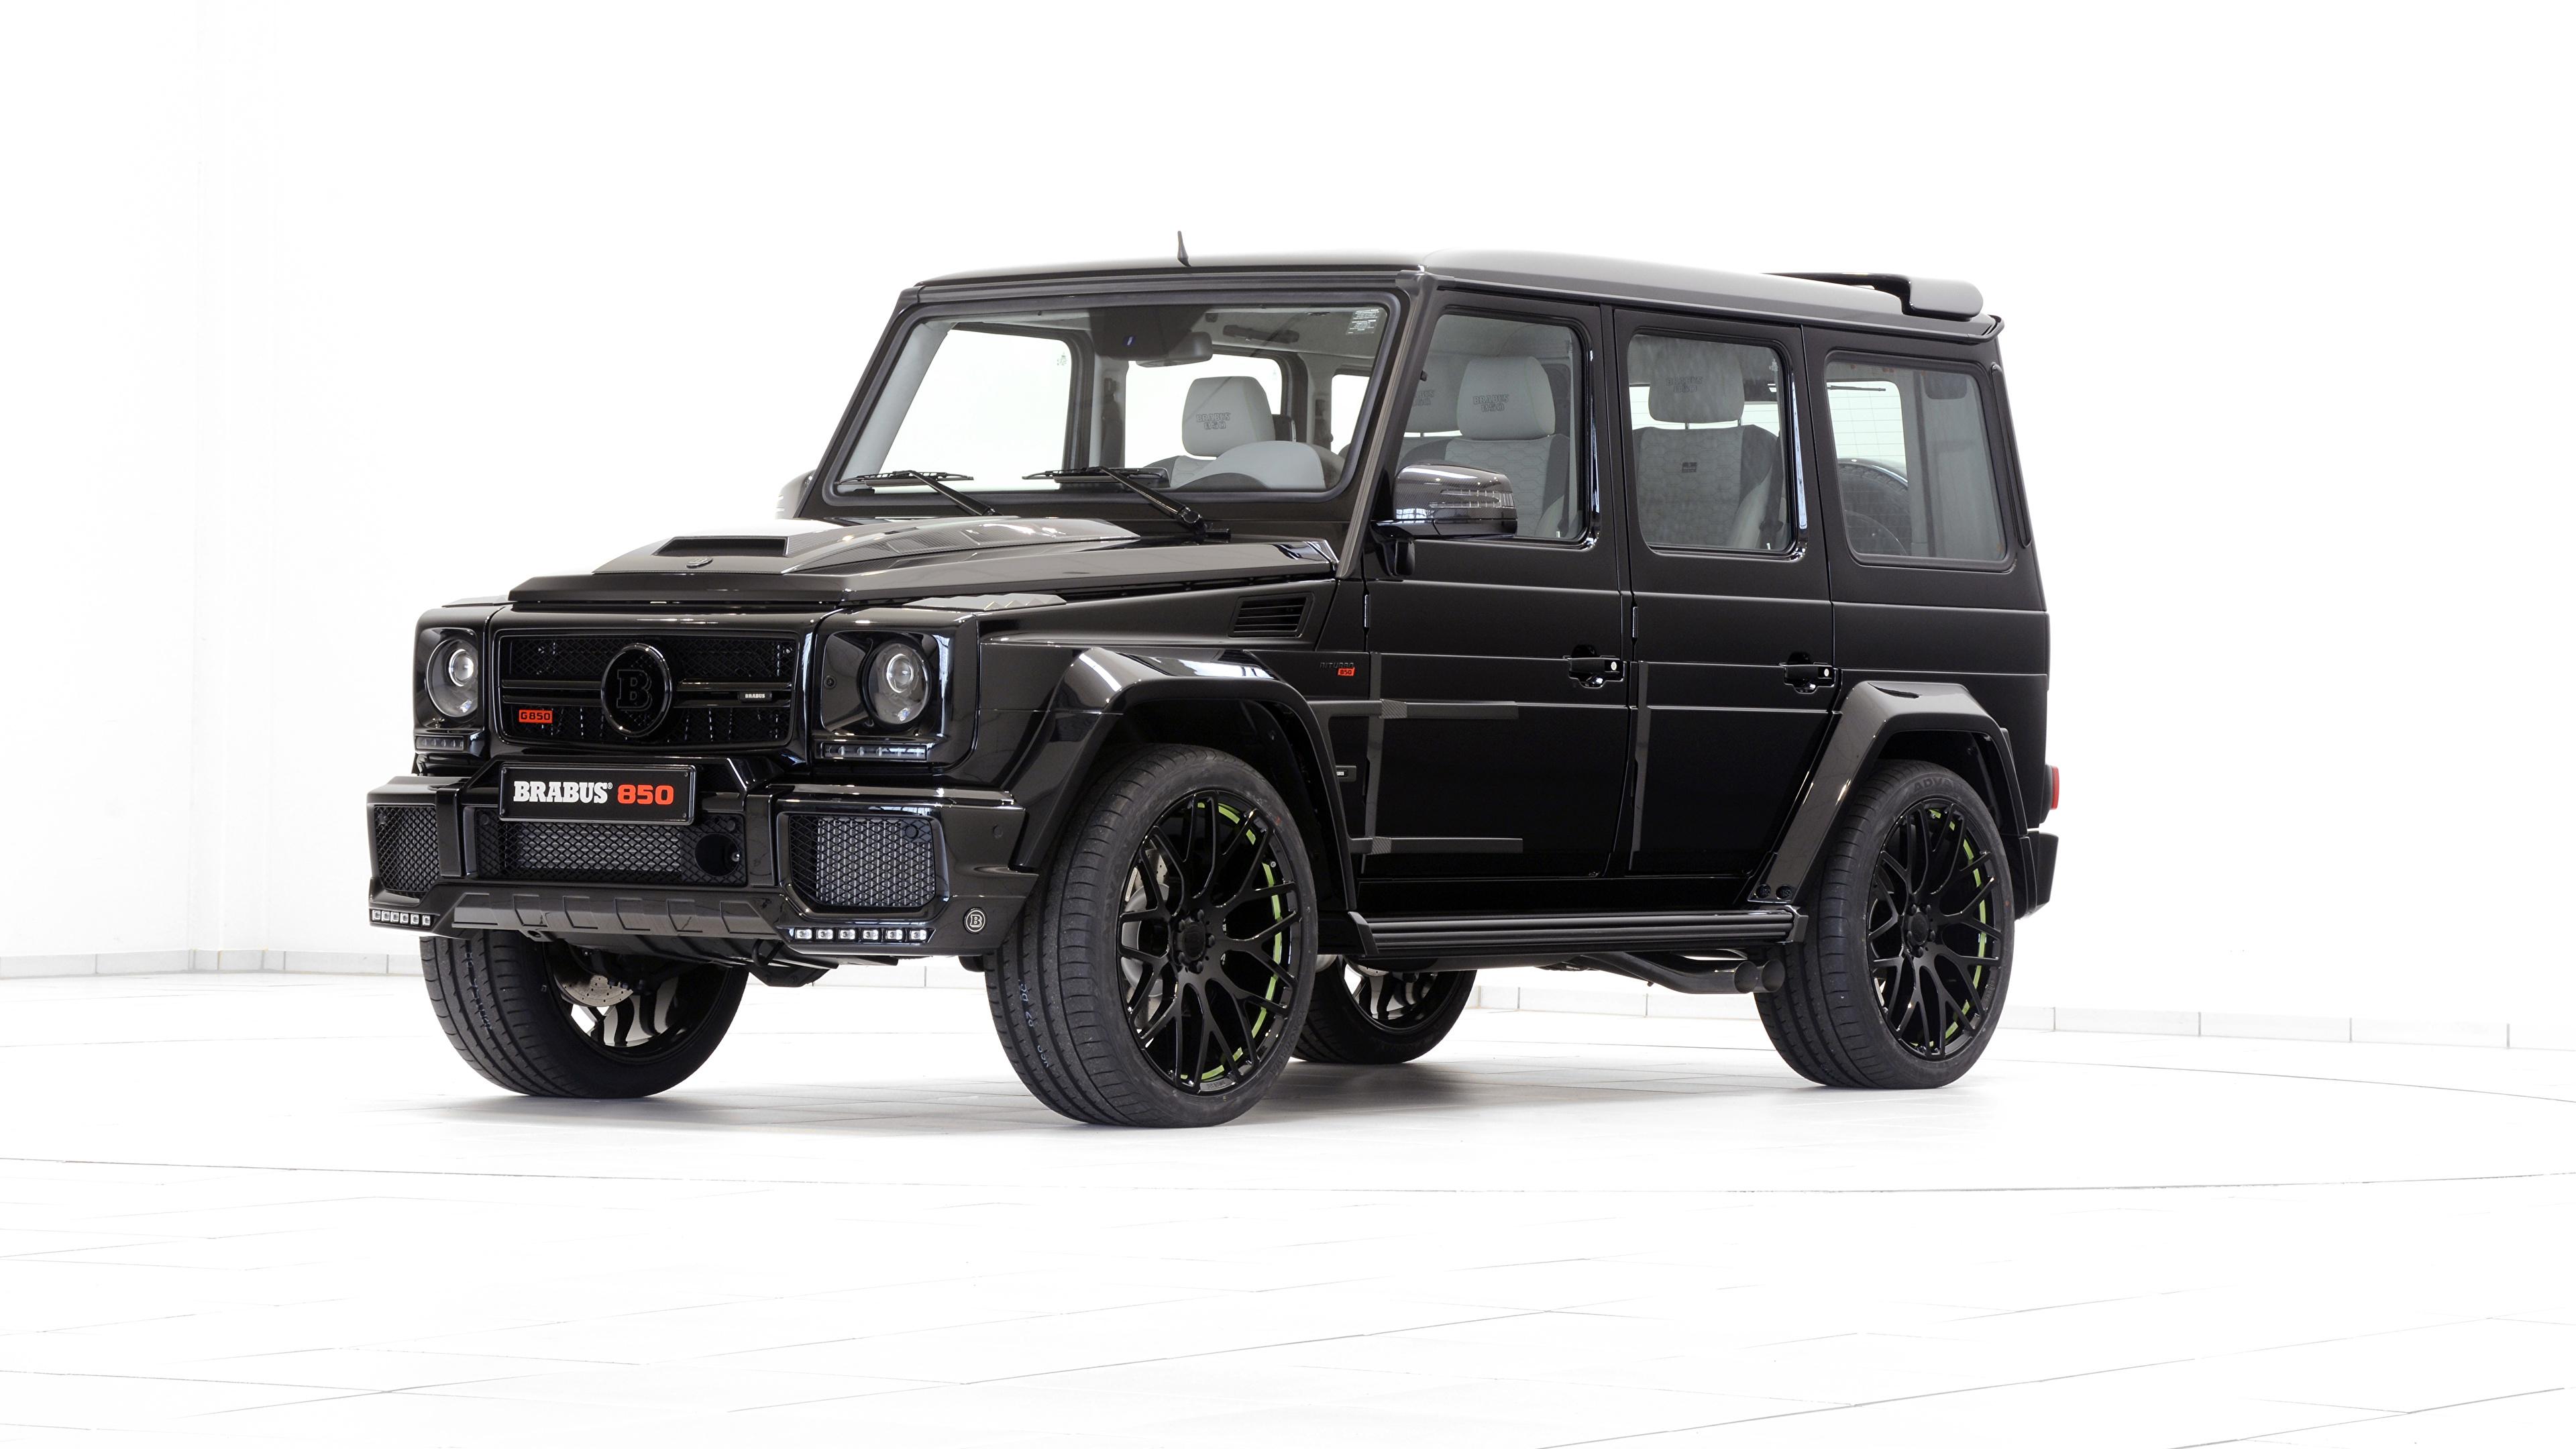 Фотография Mercedes-Benz G-класс W463 черных Автомобили 3840x2160 Мерседес бенц гелентваген Черный черные черная авто машина машины автомобиль